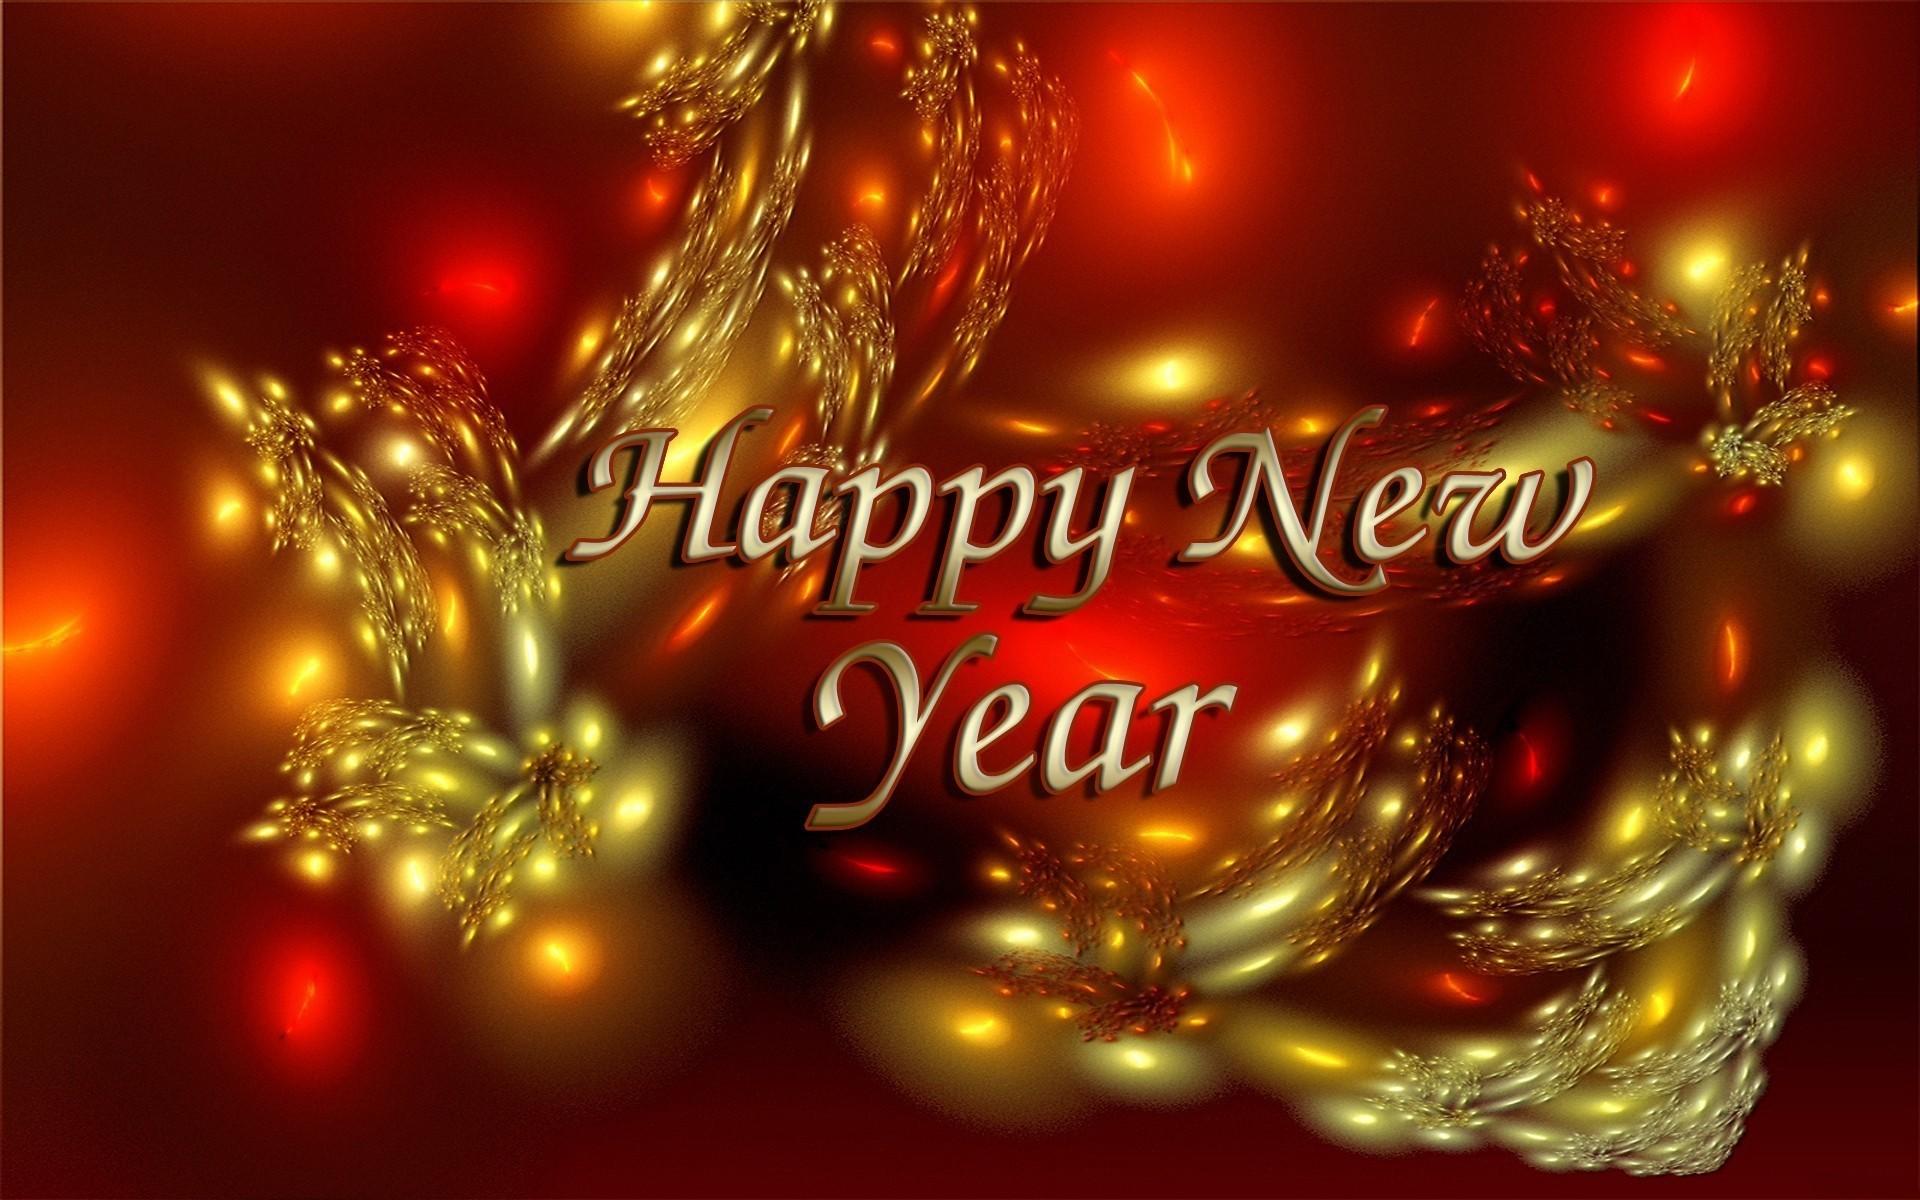 Красивые открытки на английском языке с новым годом